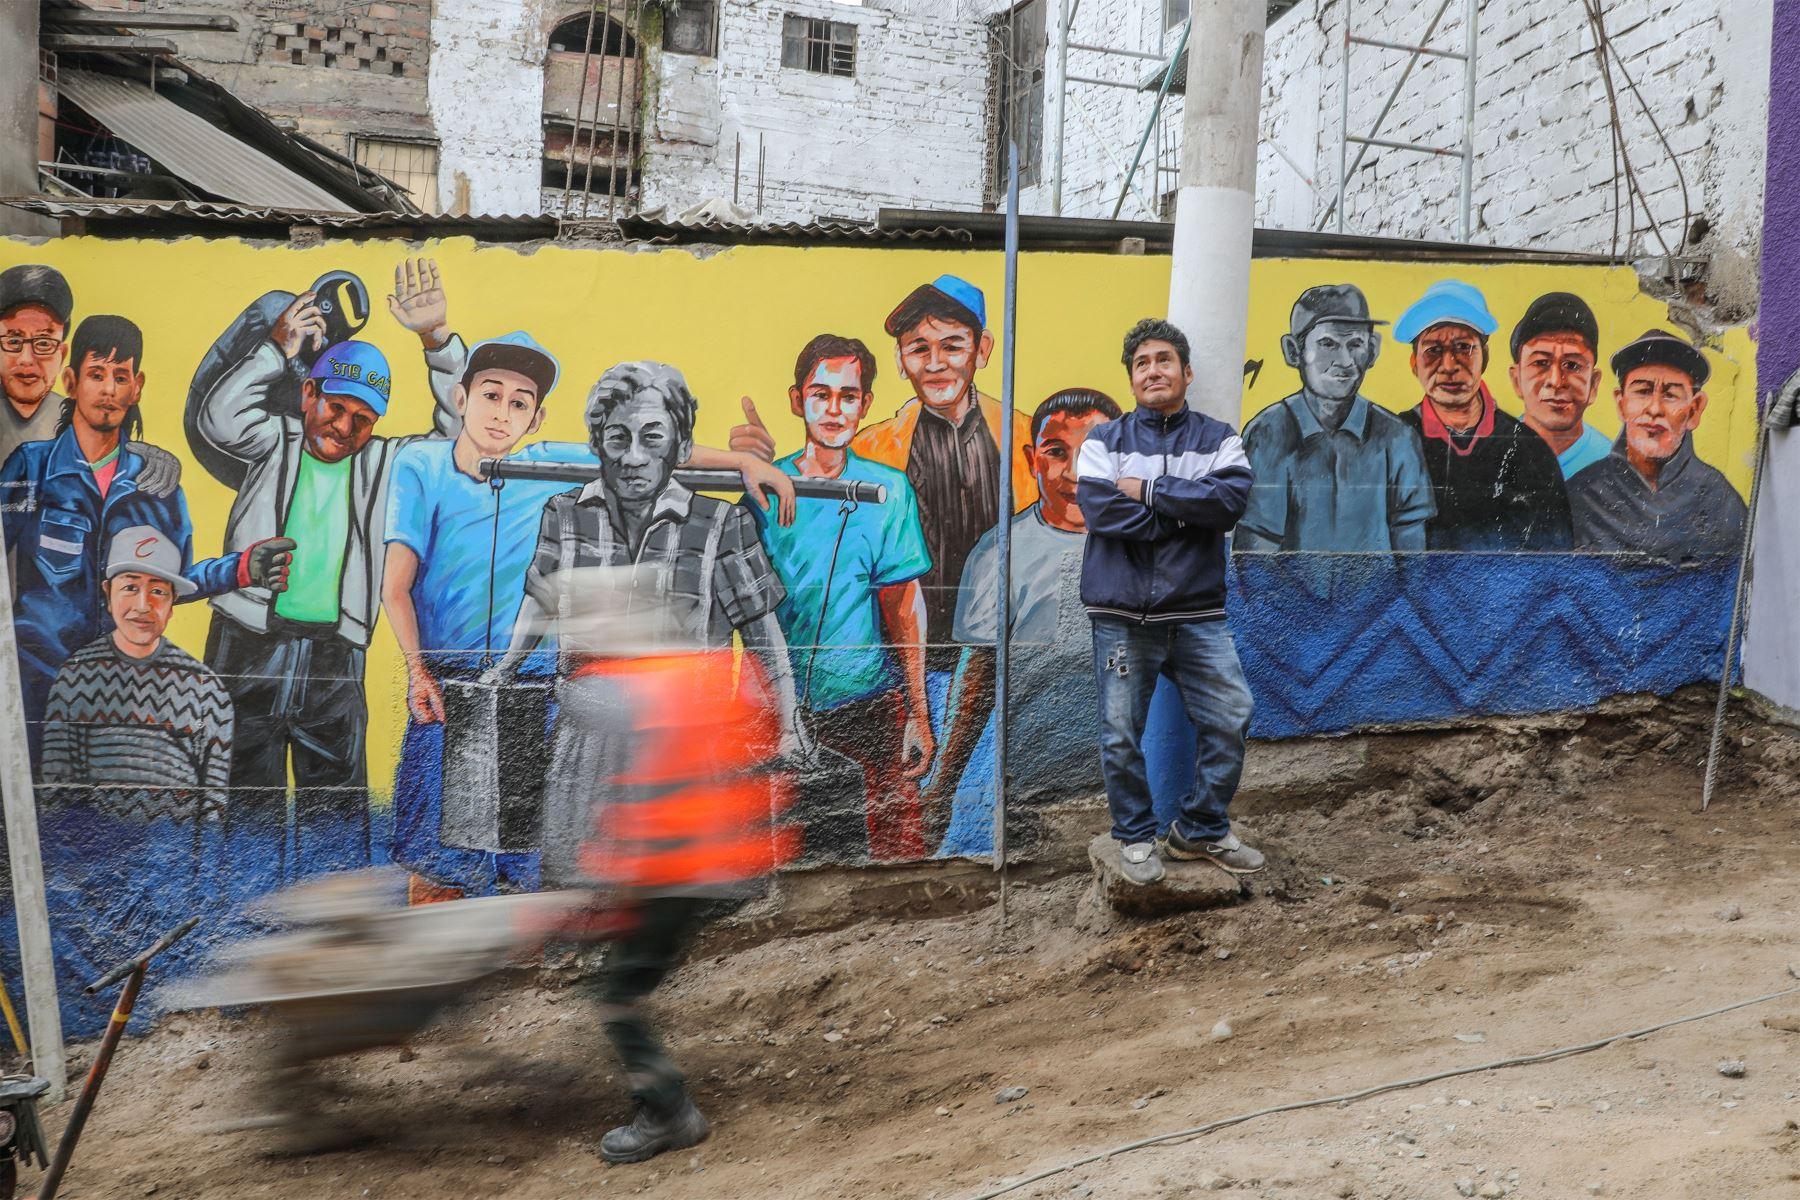 El covid-19 afectó a este barrio de callejuelas y escaleras estrechas en lo económico (muchos quedaron sin trabajo) y en vidas. Calculan que un centenar de vecinos fallecieron. Foto: ANDINA/ Andrés Valle